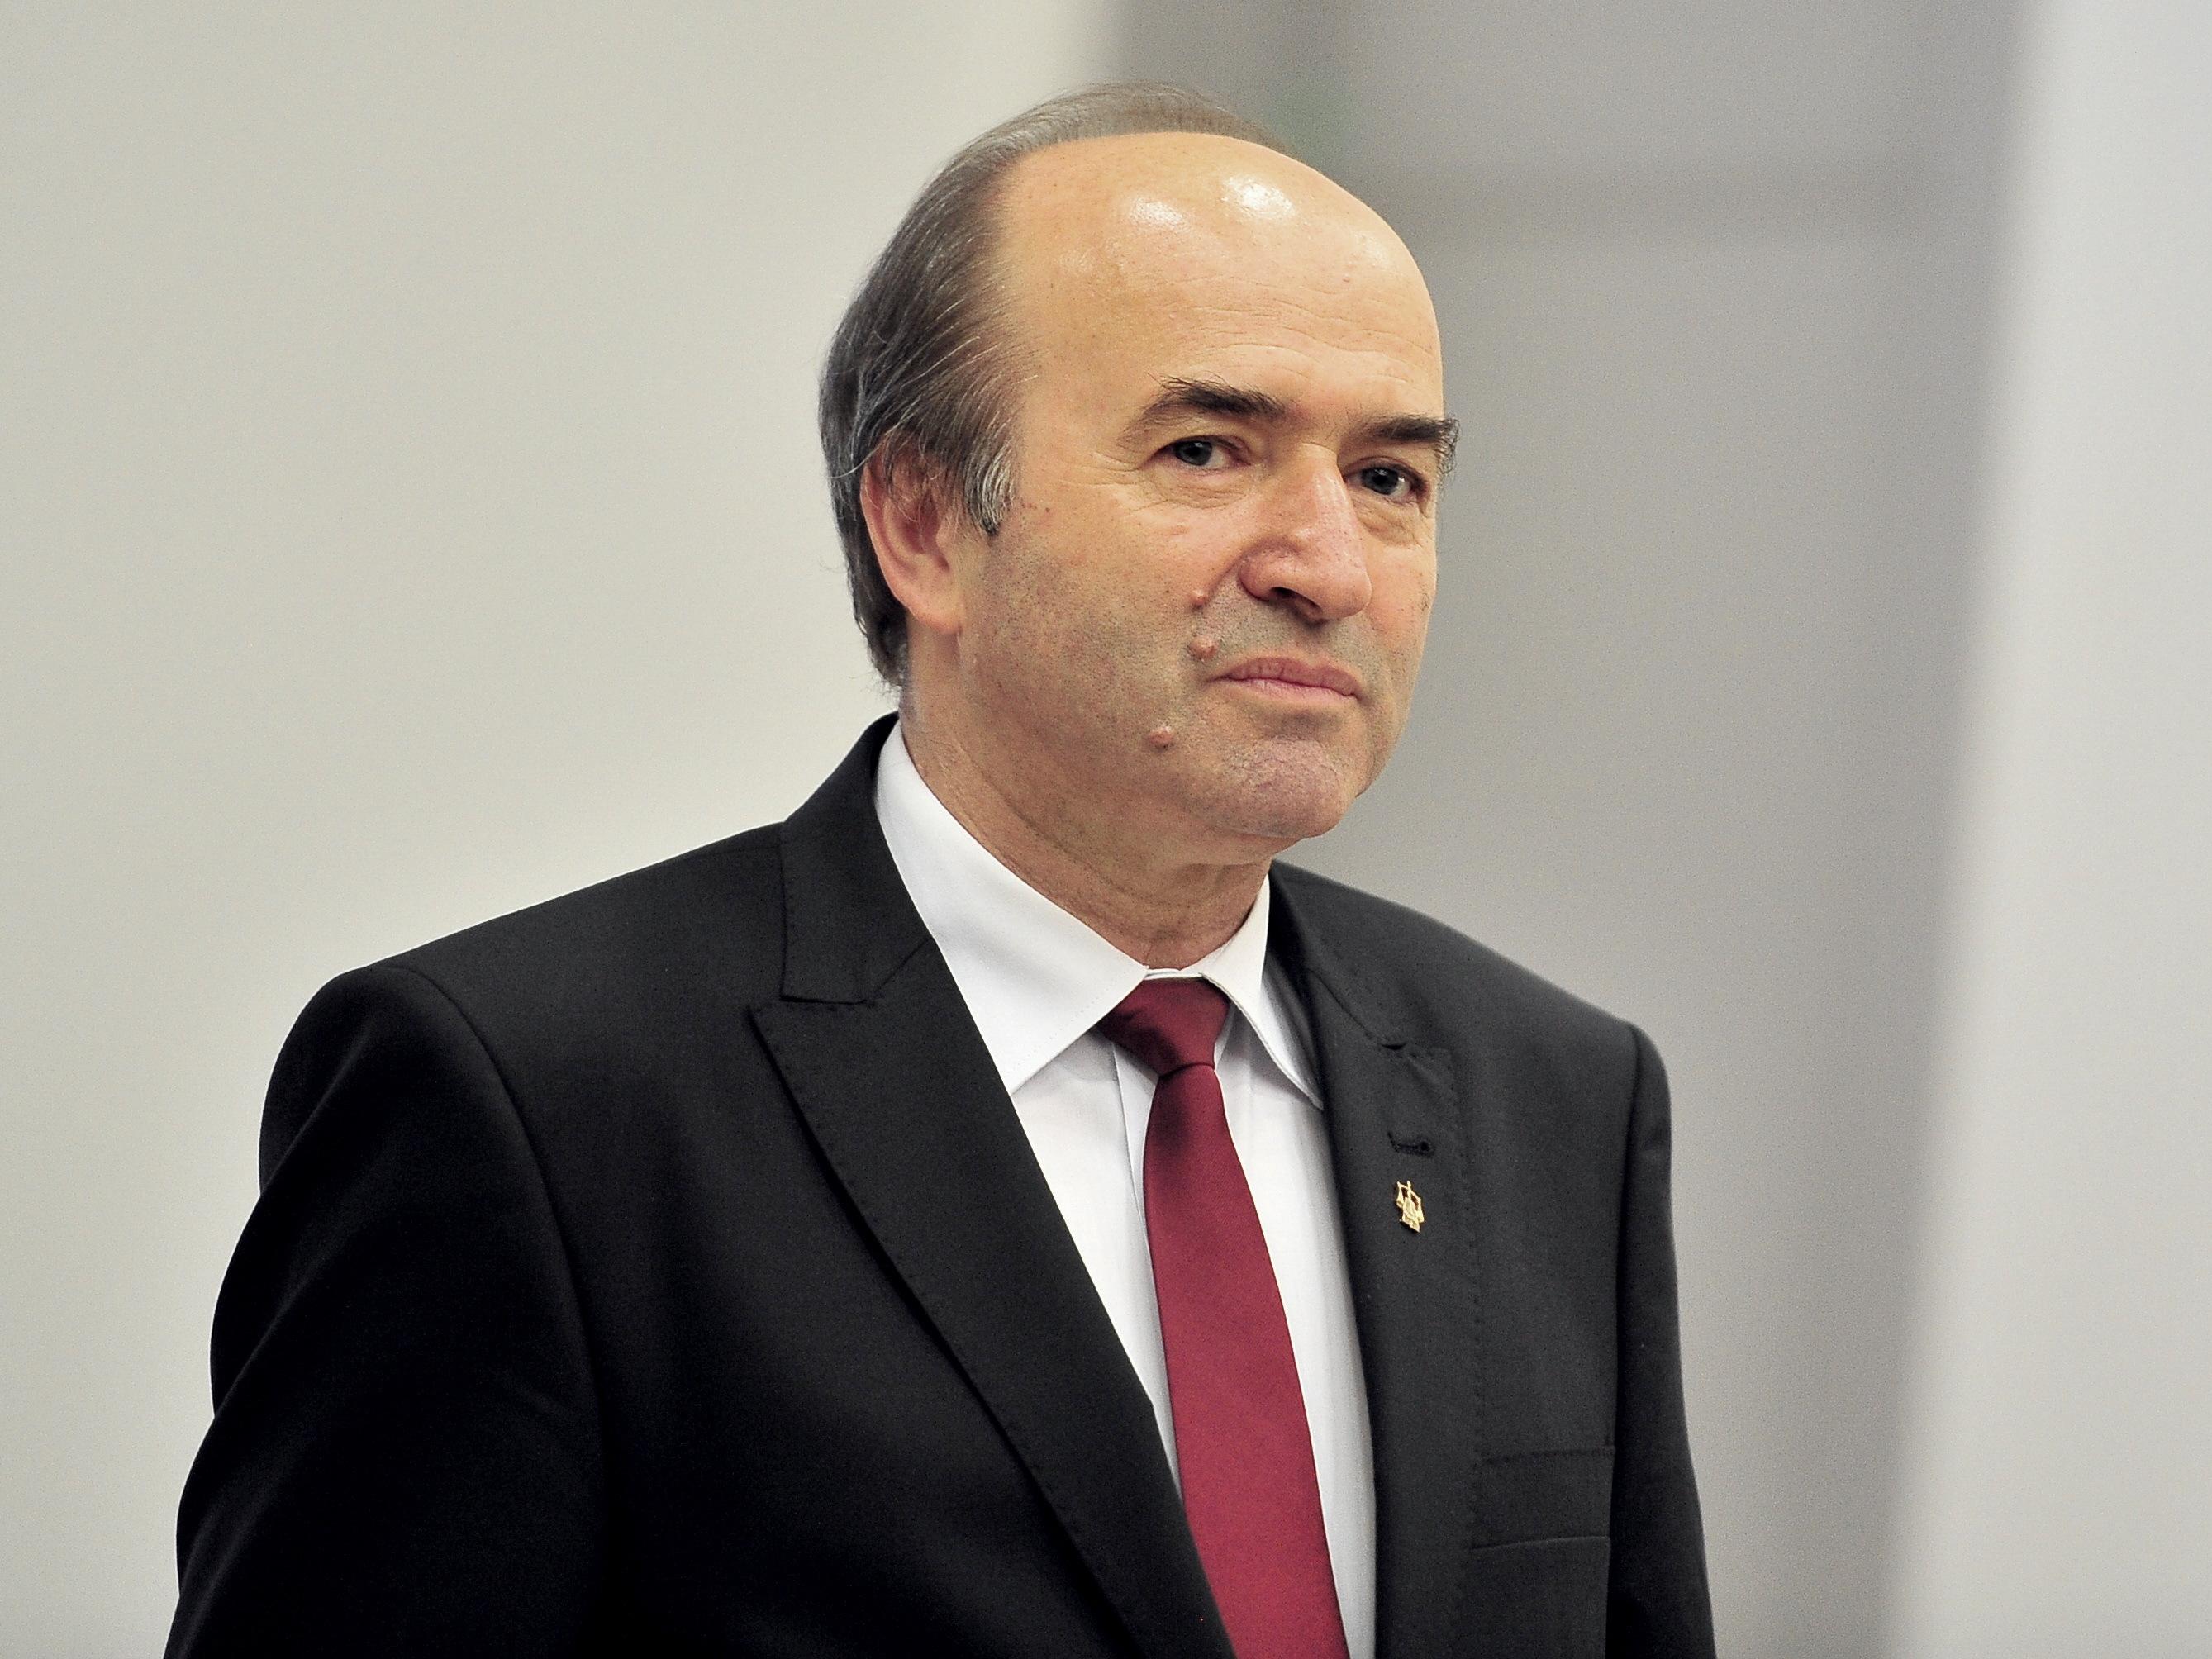 Ministrul Justiţiei speră să nu crească rata criminalităţii după eliberarea deţinuţilor pe noua lege